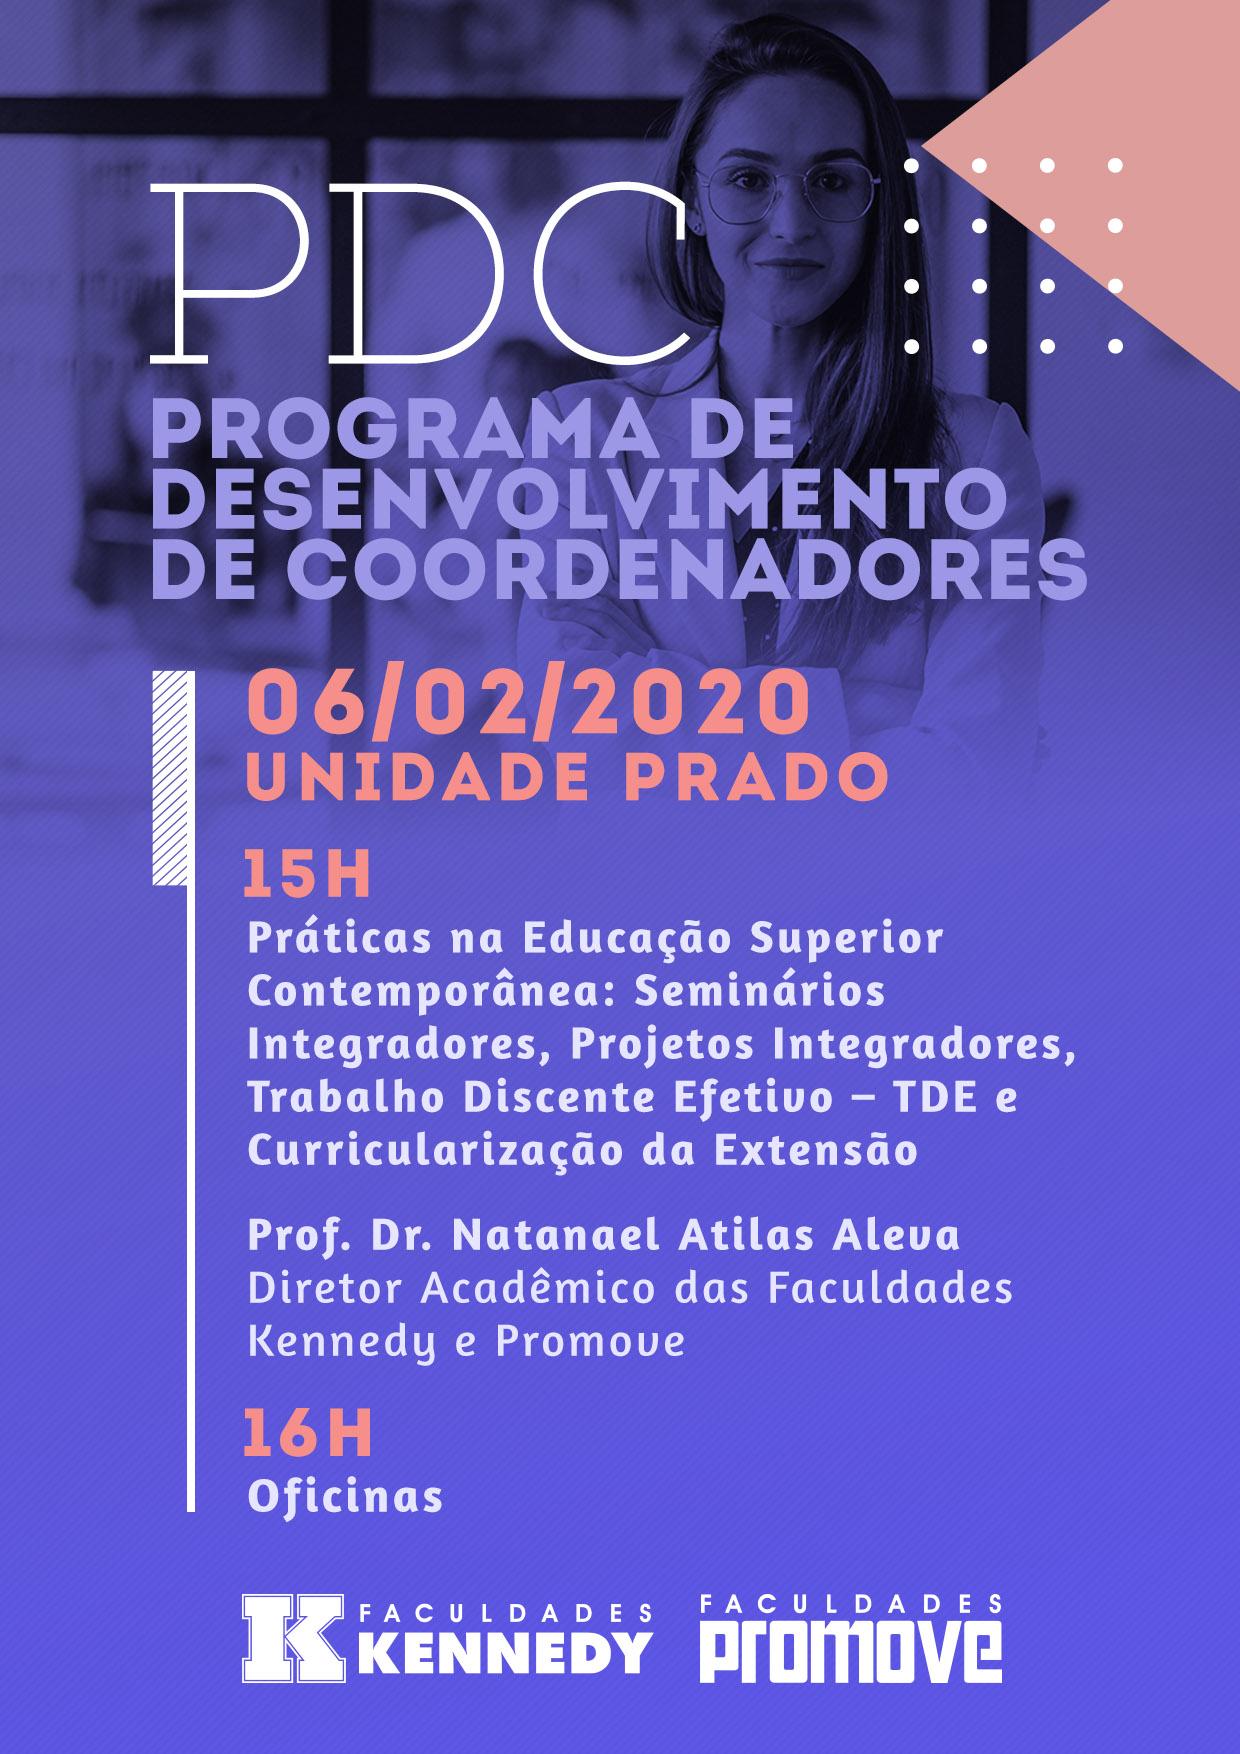 cartaz-pdc.jpg